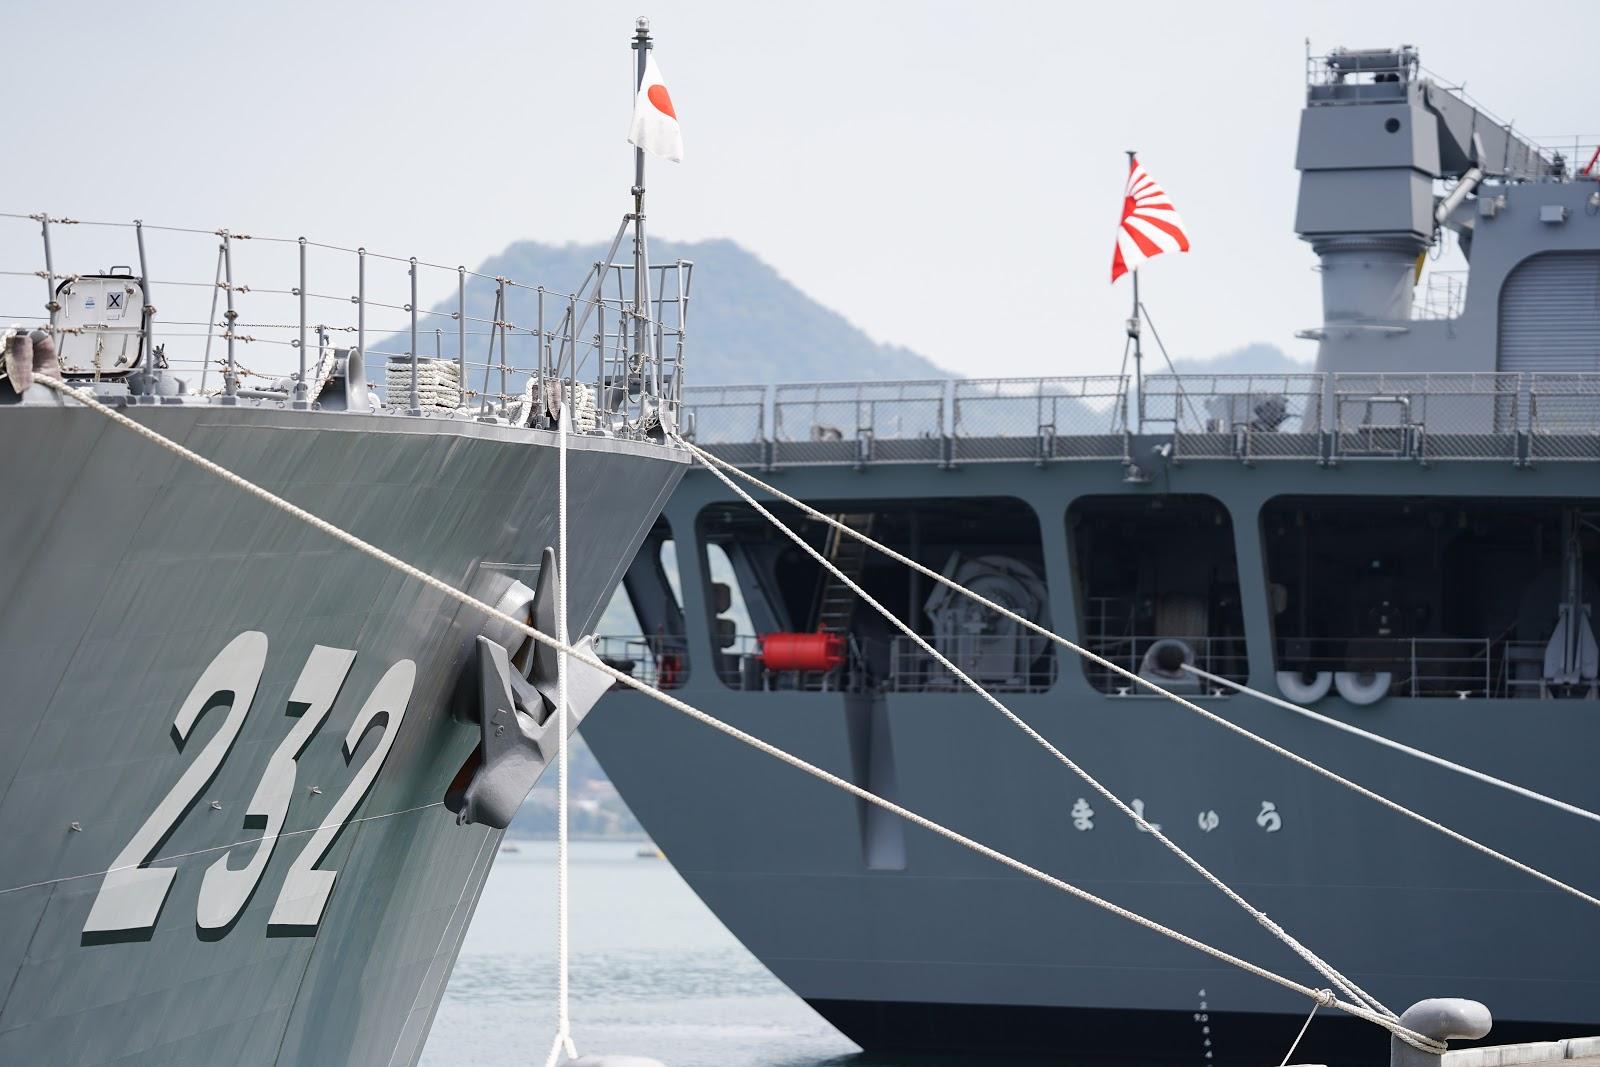 自衛隊 海上 海上自衛隊:「DD」海上自衛隊護衛艦隊の主力艦 汎用護衛艦「たかなみ」型